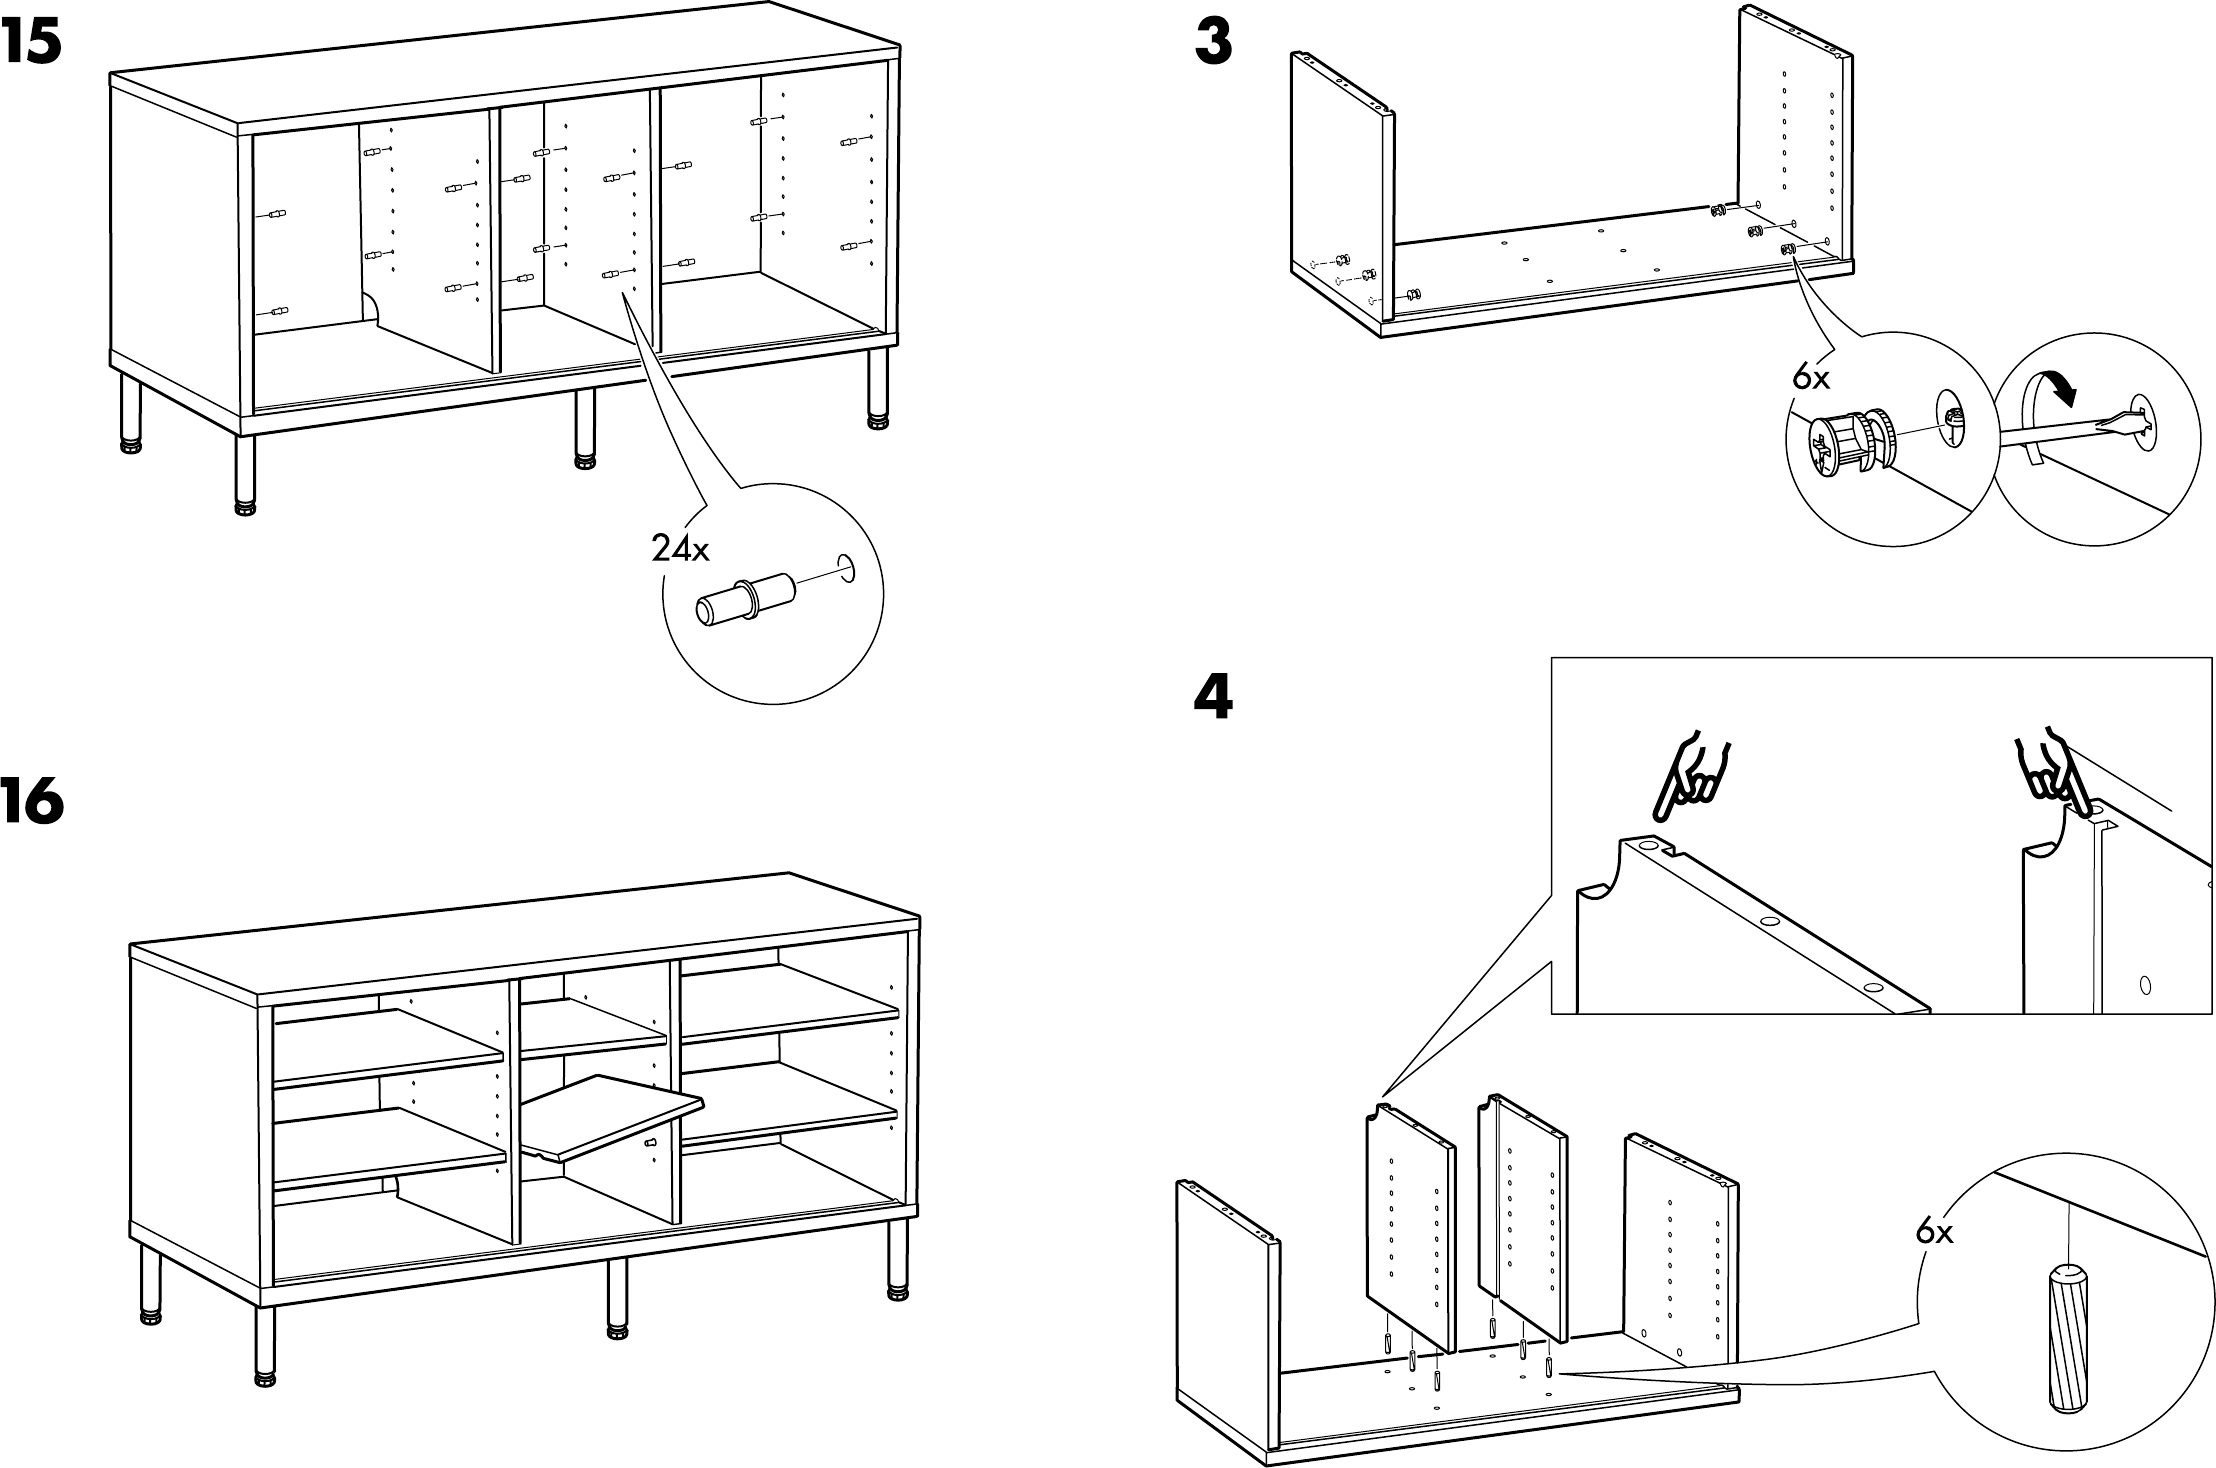 bedienungsanleitung ikea magiker seite 5 von 8 holl ndisch. Black Bedroom Furniture Sets. Home Design Ideas